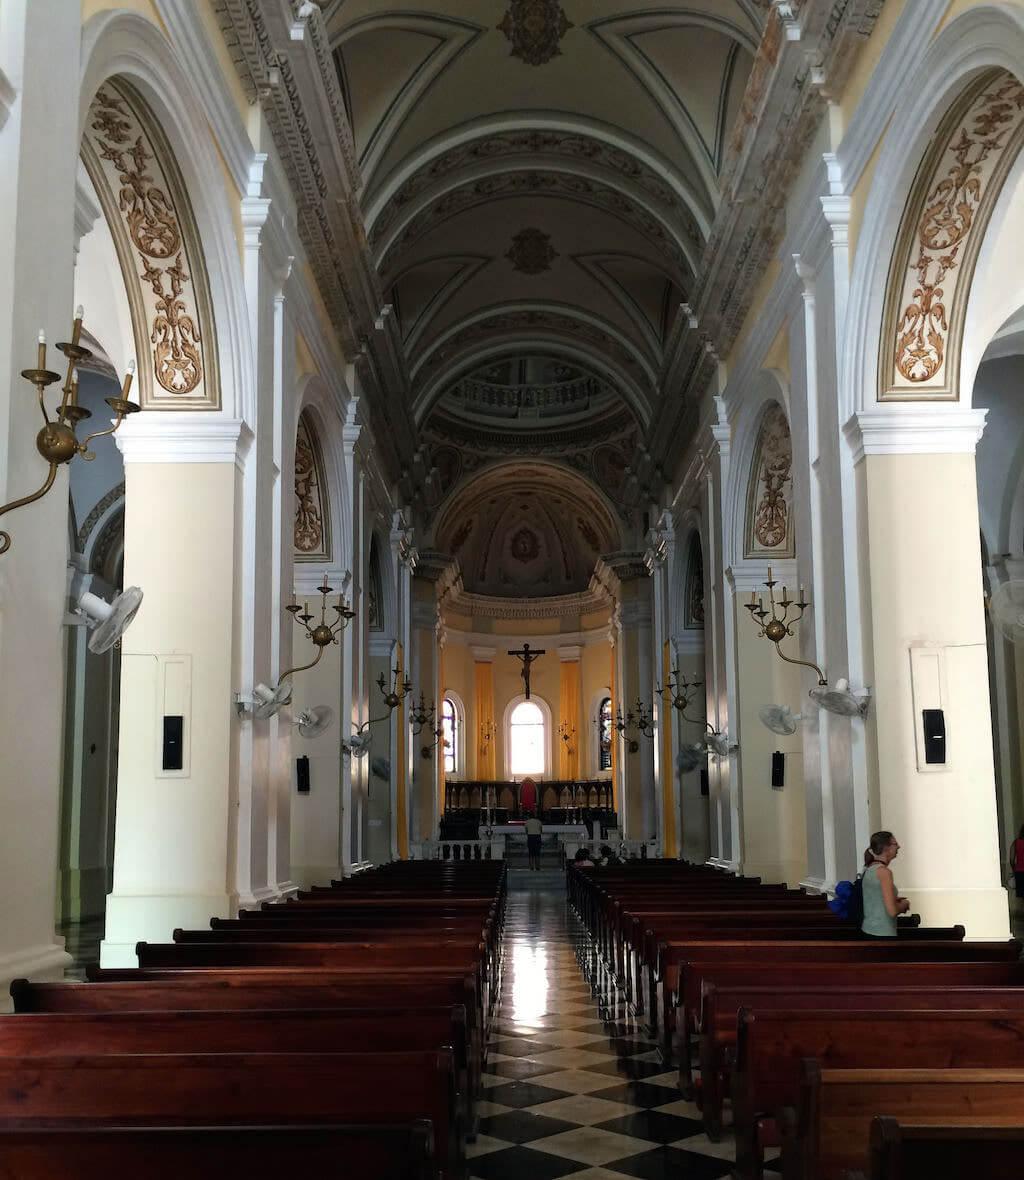 Catedral de San Juan Bautista, Puerto Rico - by jared422_80:Flickr